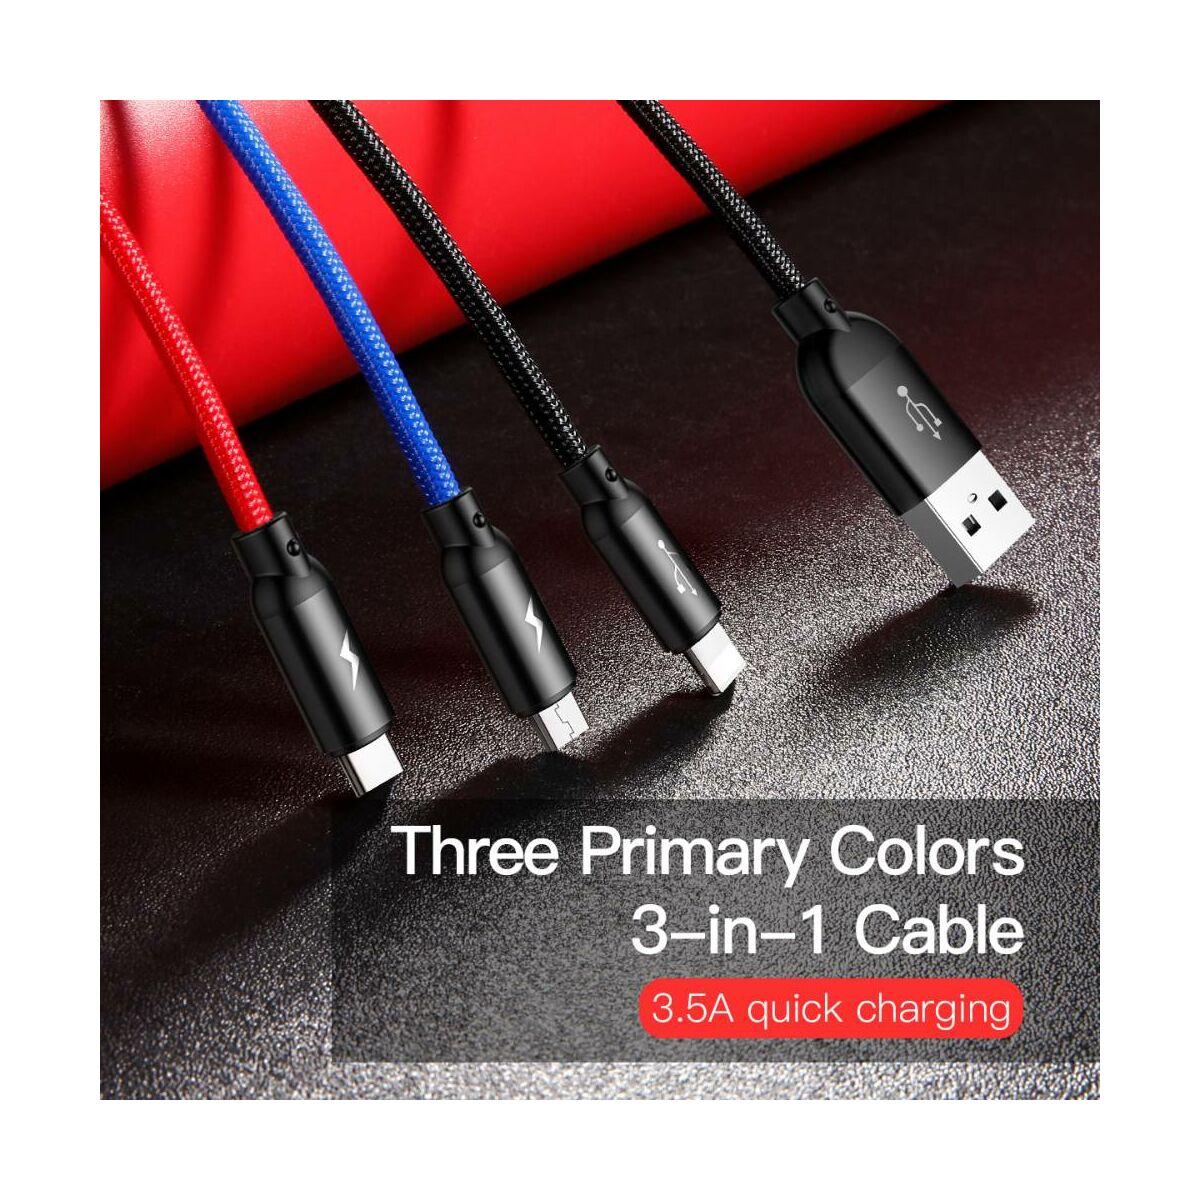 Baseus Univerzális kábel, Three Primary Colors Light/Type-C/Micro fonott Nylon bevonat 3.5A 1.2m, fekete (CAMLT-BSY01)